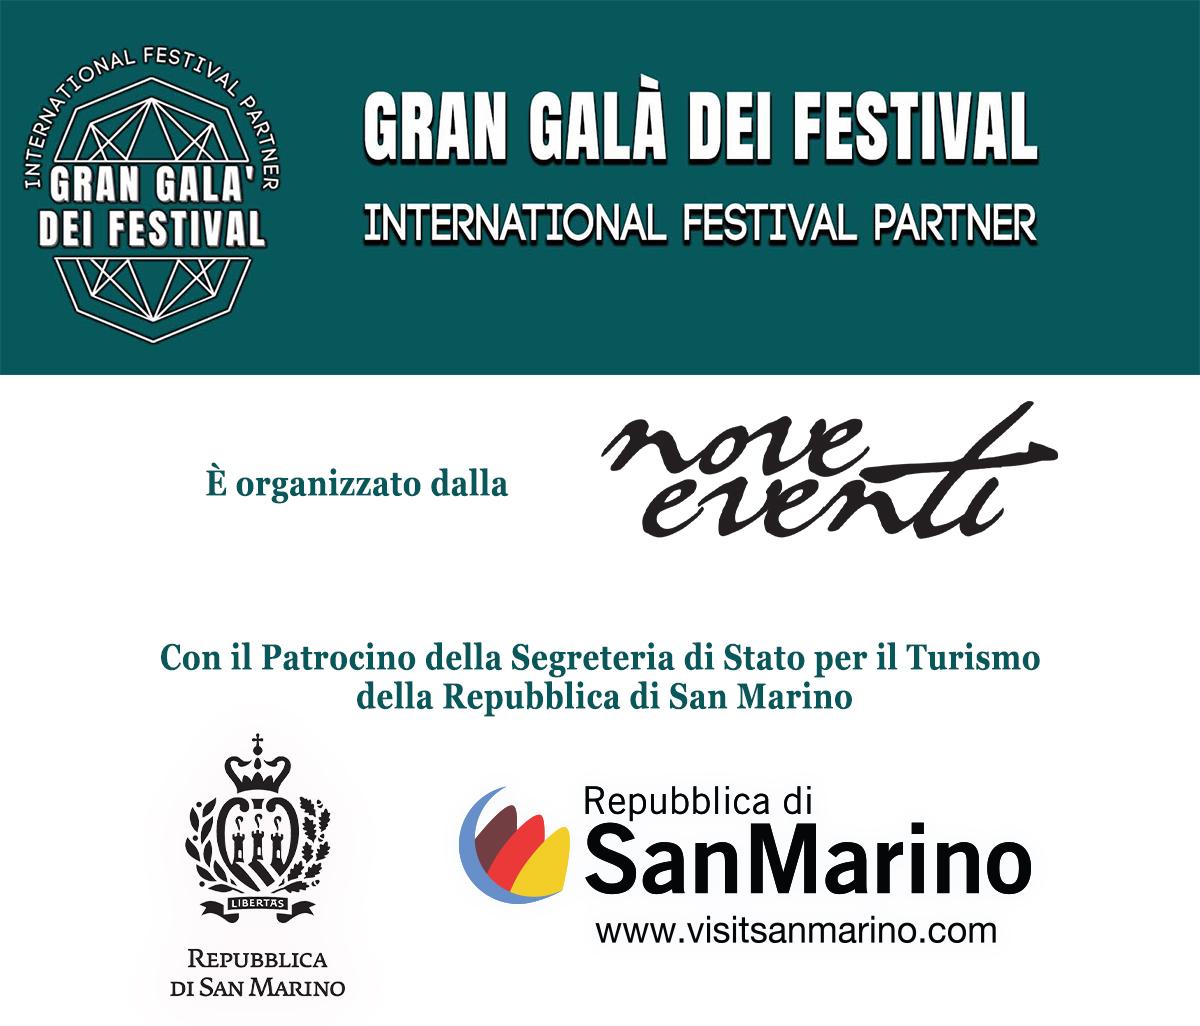 Gran Galà dei Festival con il Patrocinio della Segreteria di Stato per il Turismo della Repubblica di San Marino